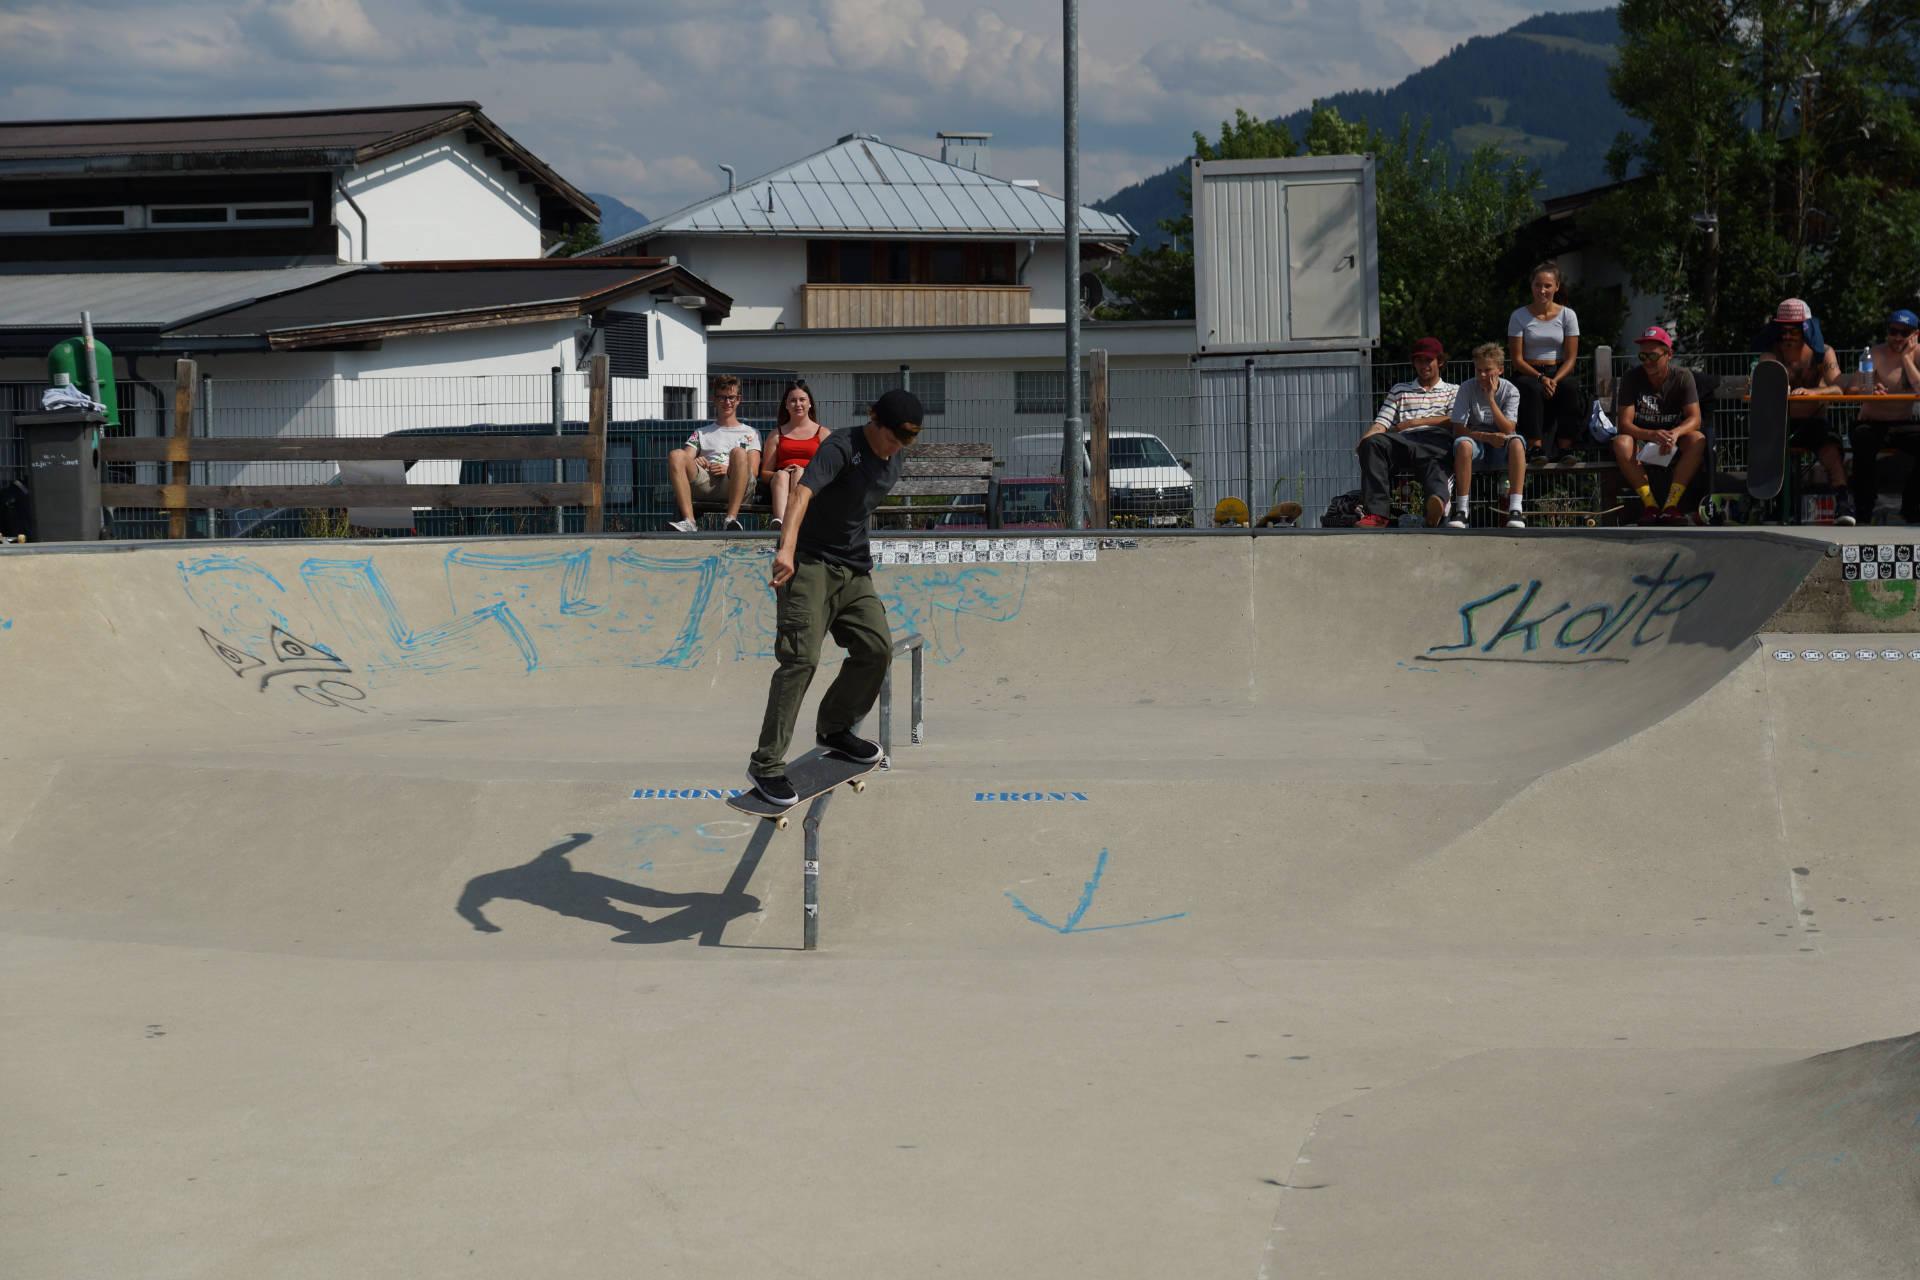 skateboardheadz st johann in tirol kgt 2019 finale 00067